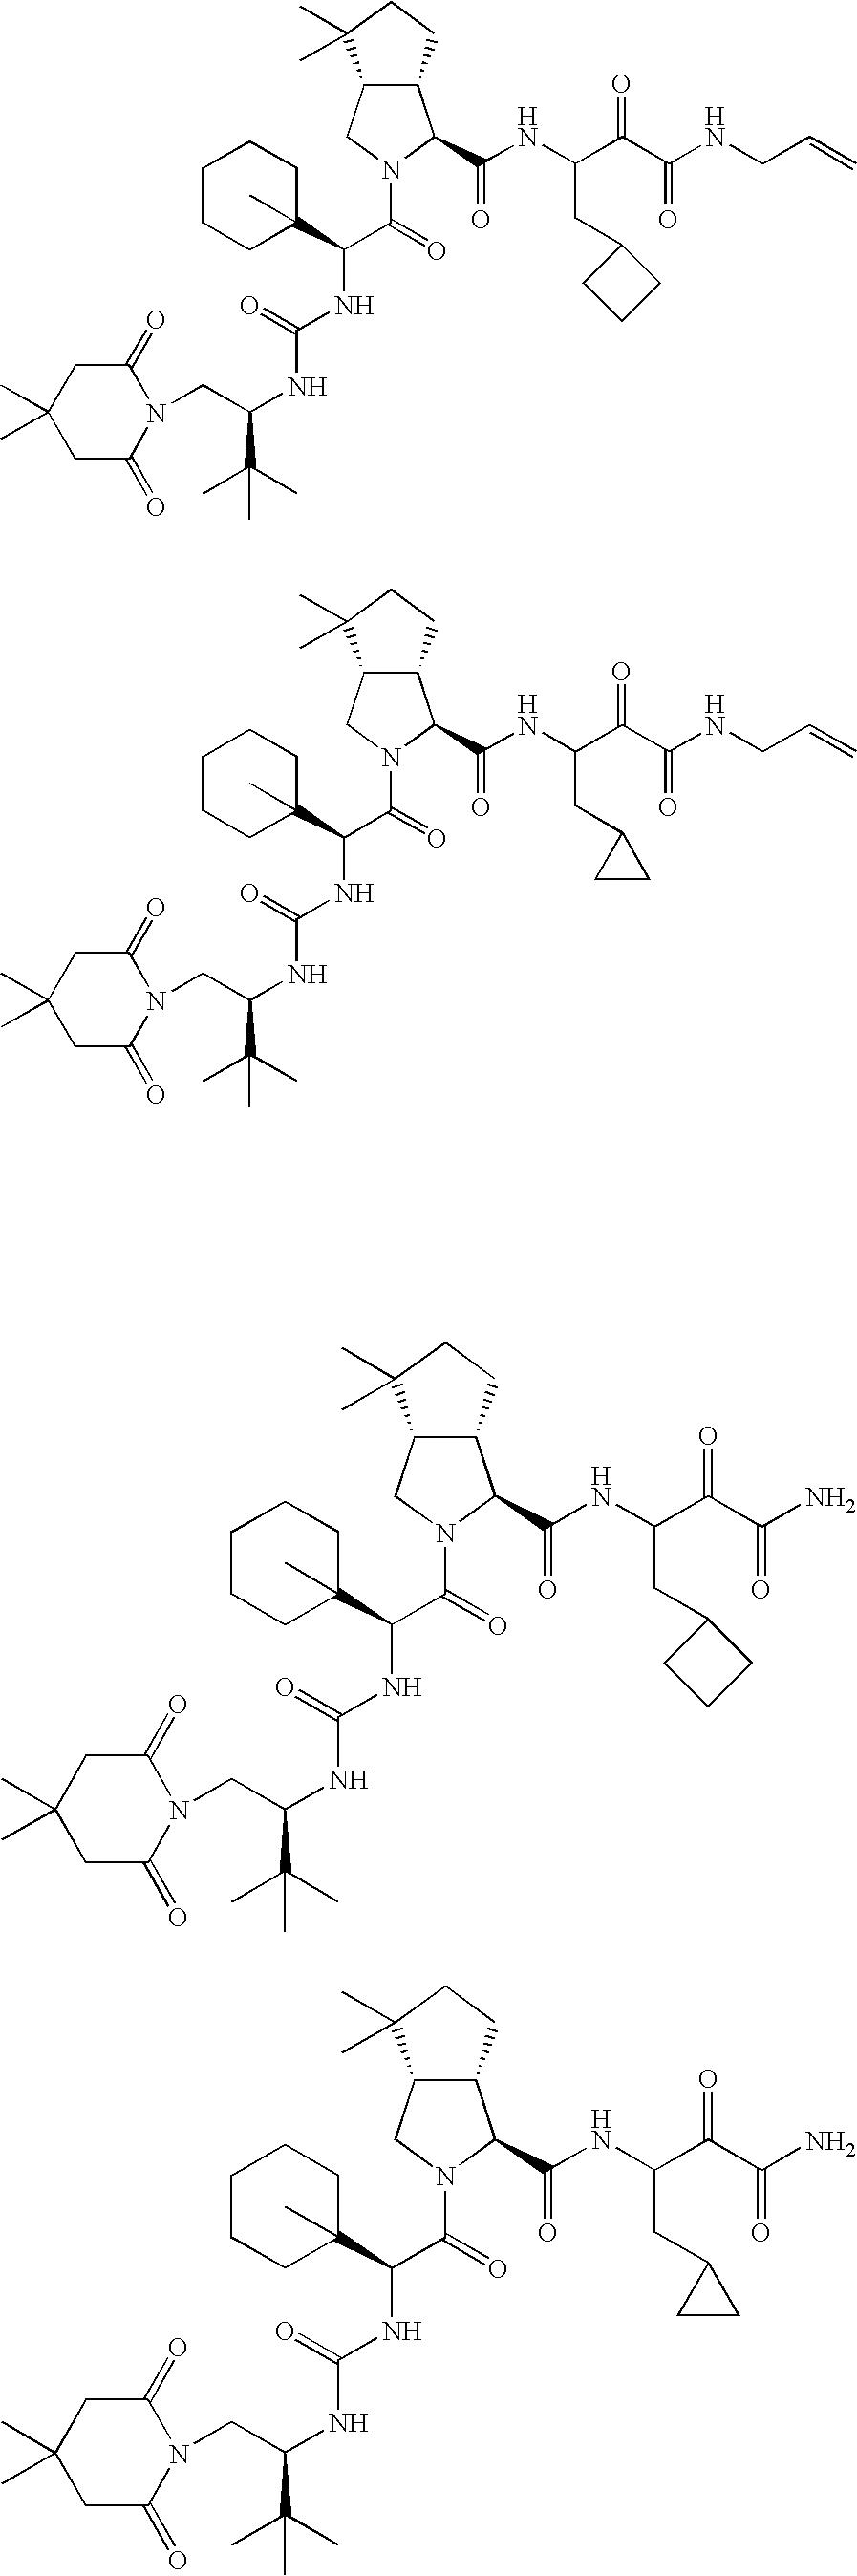 Figure US20060287248A1-20061221-C00528